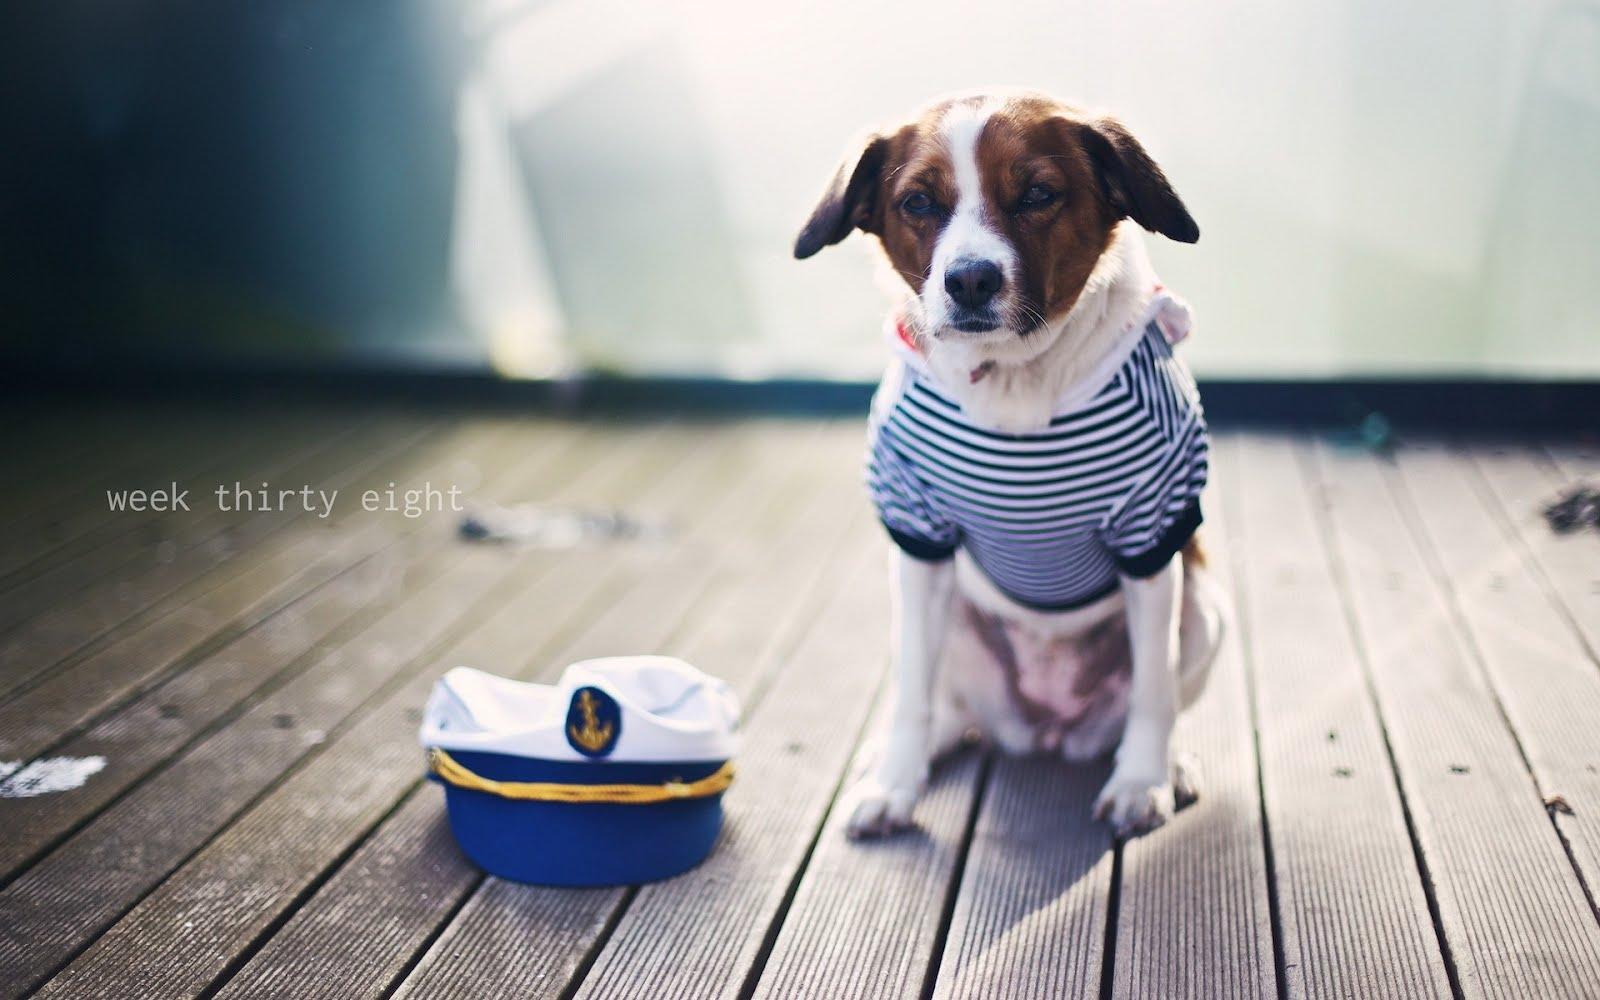 Моряк с опашка / Sailor Dog, HD Wallpaper